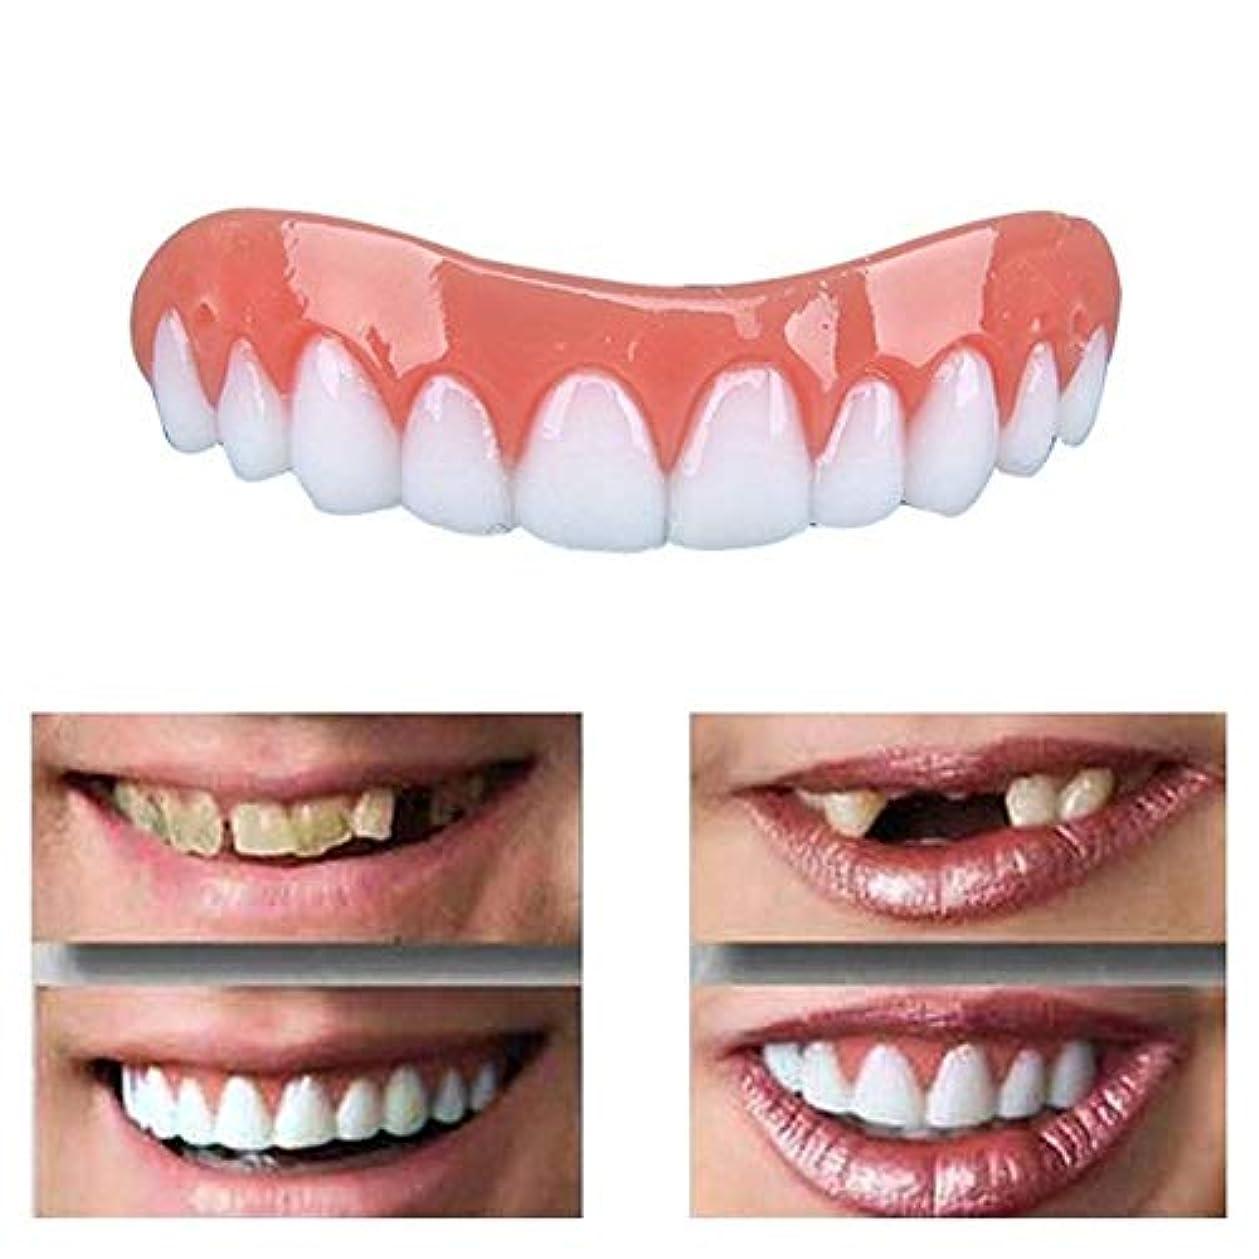 コーンバー発症20ピースパーフェクトスマイルベニア偽の歯アッパー偽の歯カバースナップオン即時の歯化粧品義歯のケアオーラルケアシリコーンホワイトニング義歯